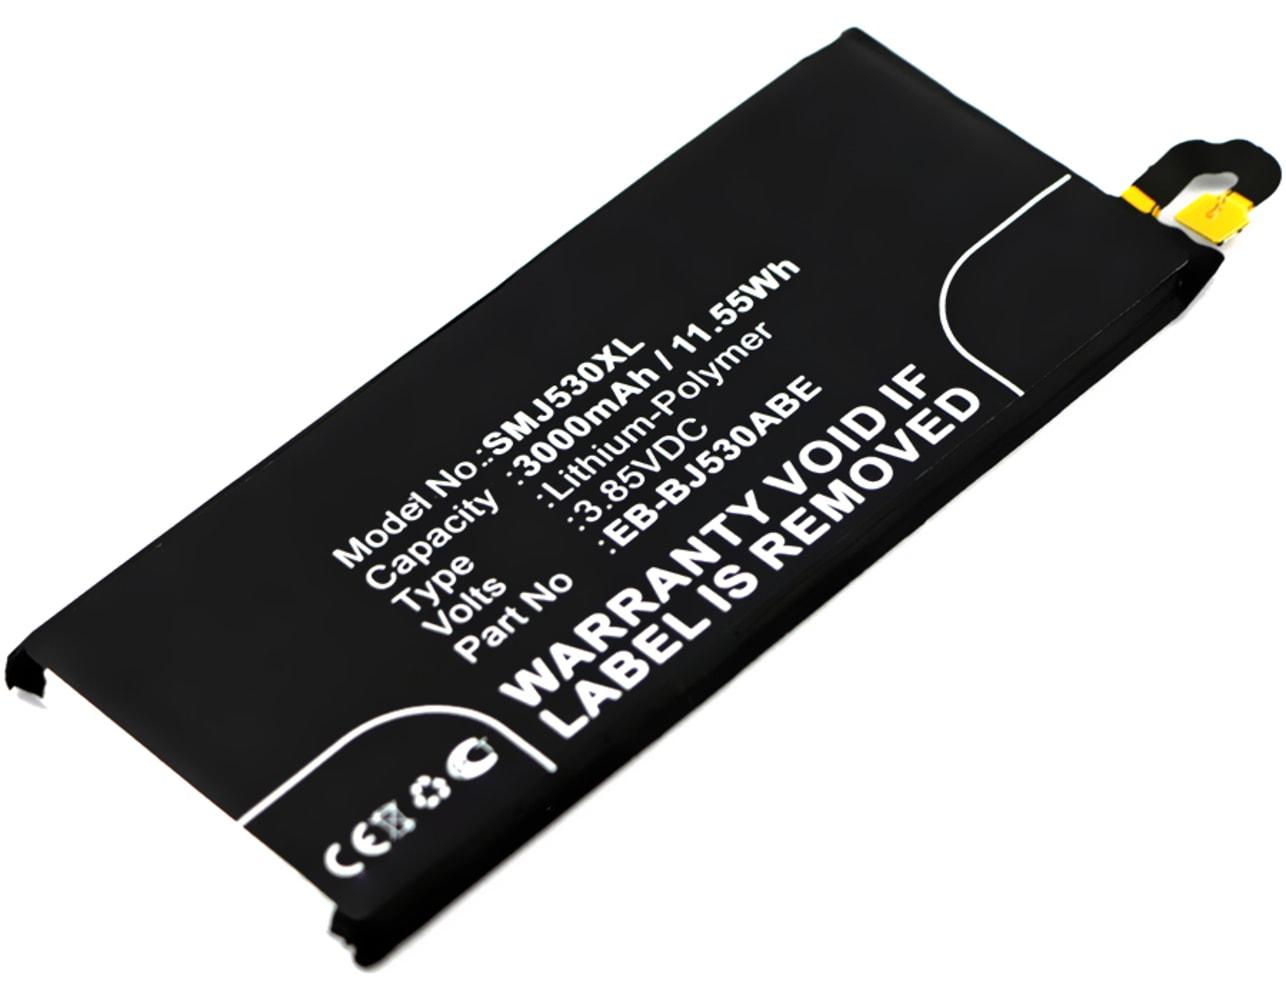 Batterie pour téléphone portableSamsung Galaxy J5 DUOS (2017 - SM-J530) - EB-BJ530ABE, 3000mAh interne neuve , kit de remplacement / rechange